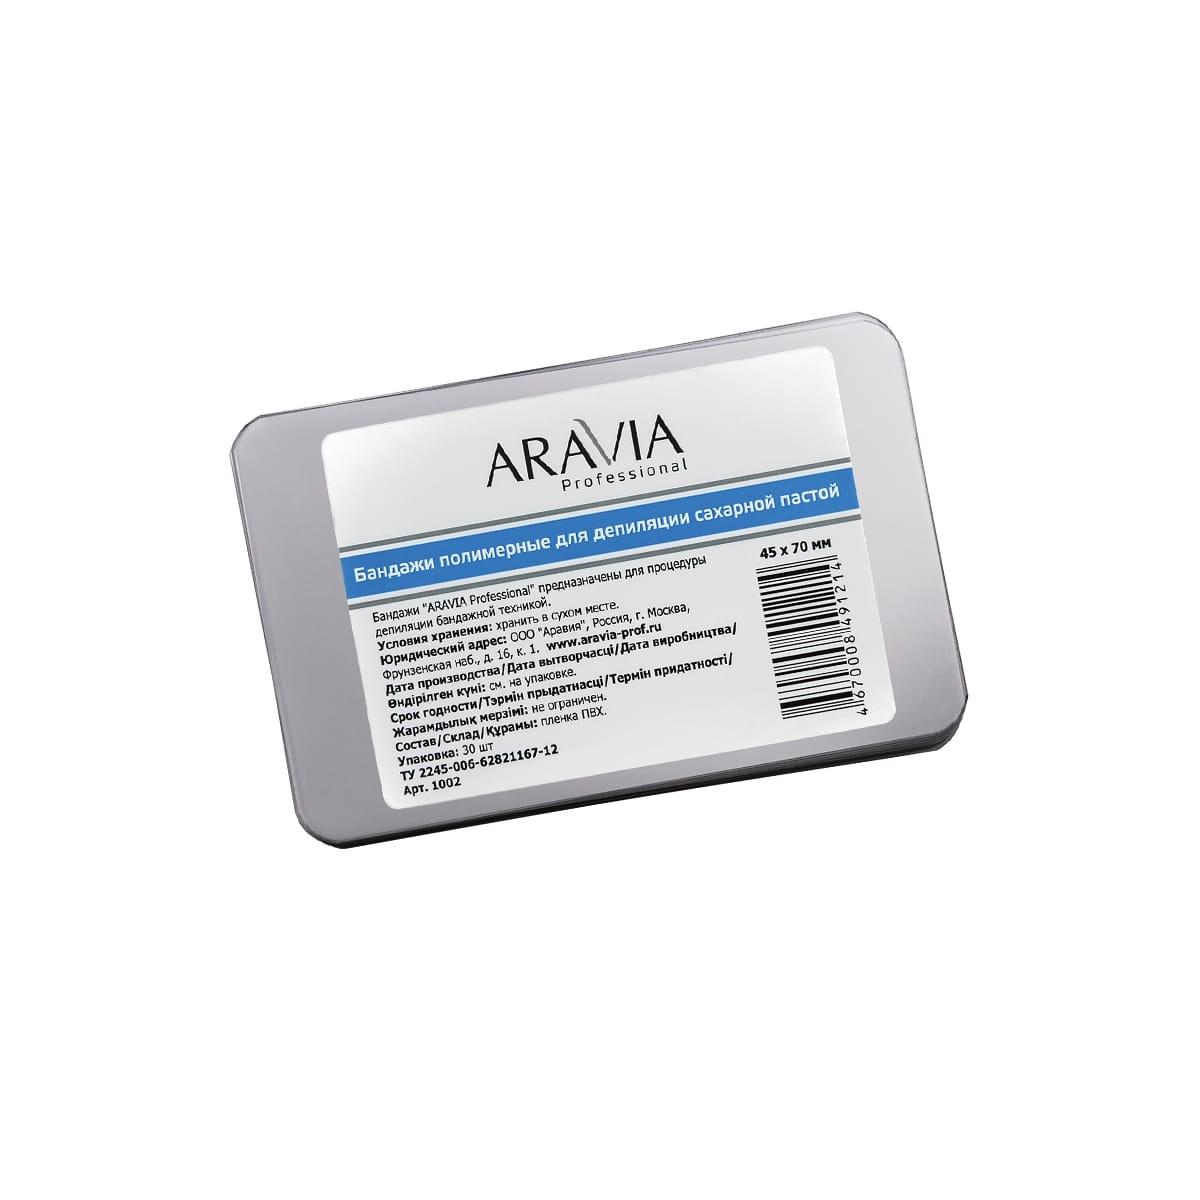 ARAVIA Бандаж для Процедуры Шугаринга, 45х70 мм цена